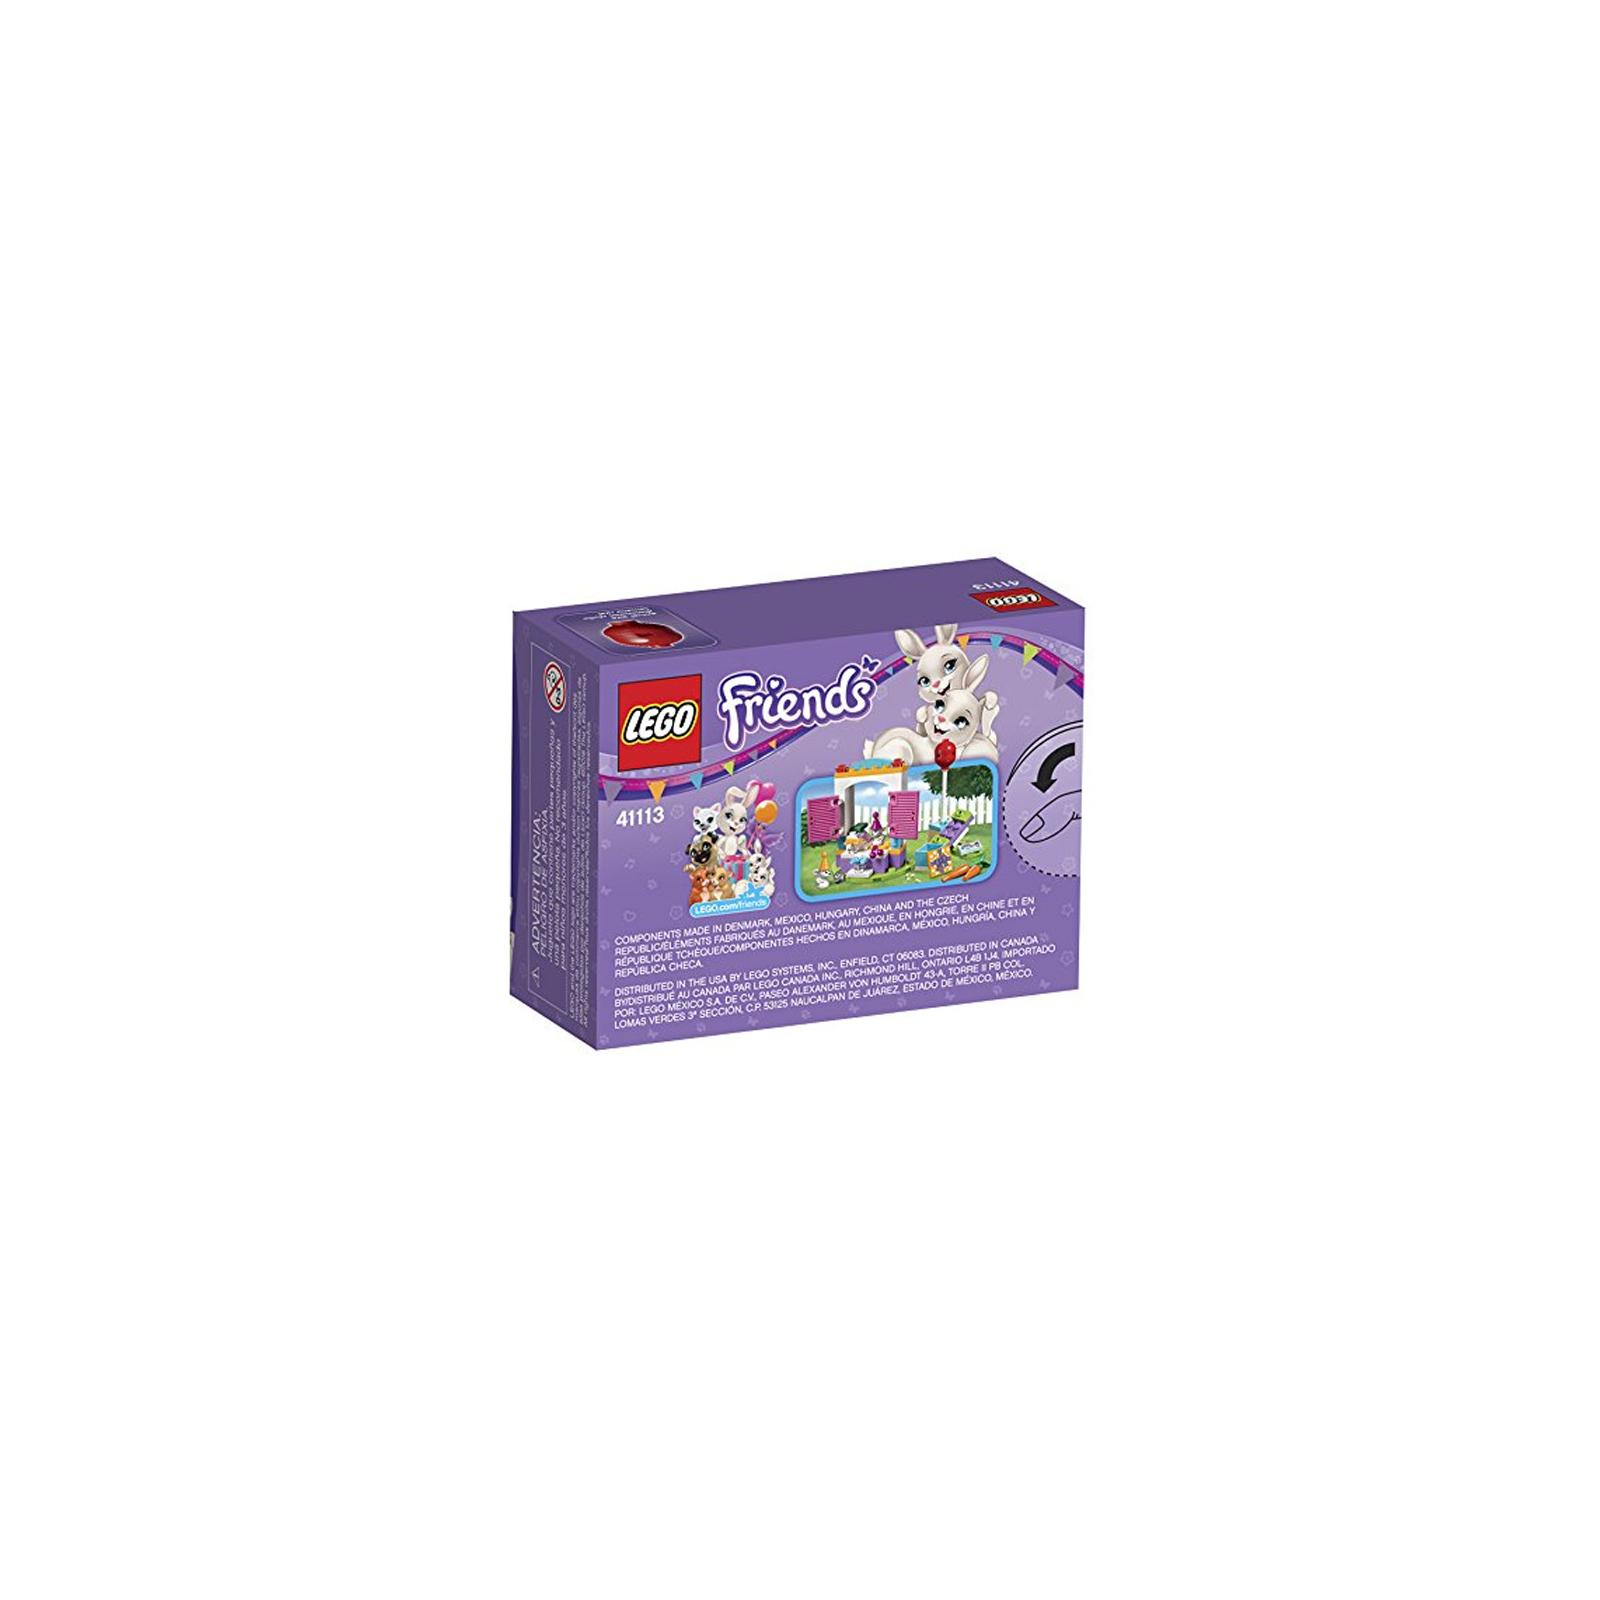 Конструктор LEGO Friends День рождения: магазин подарков (41113) изображение 8